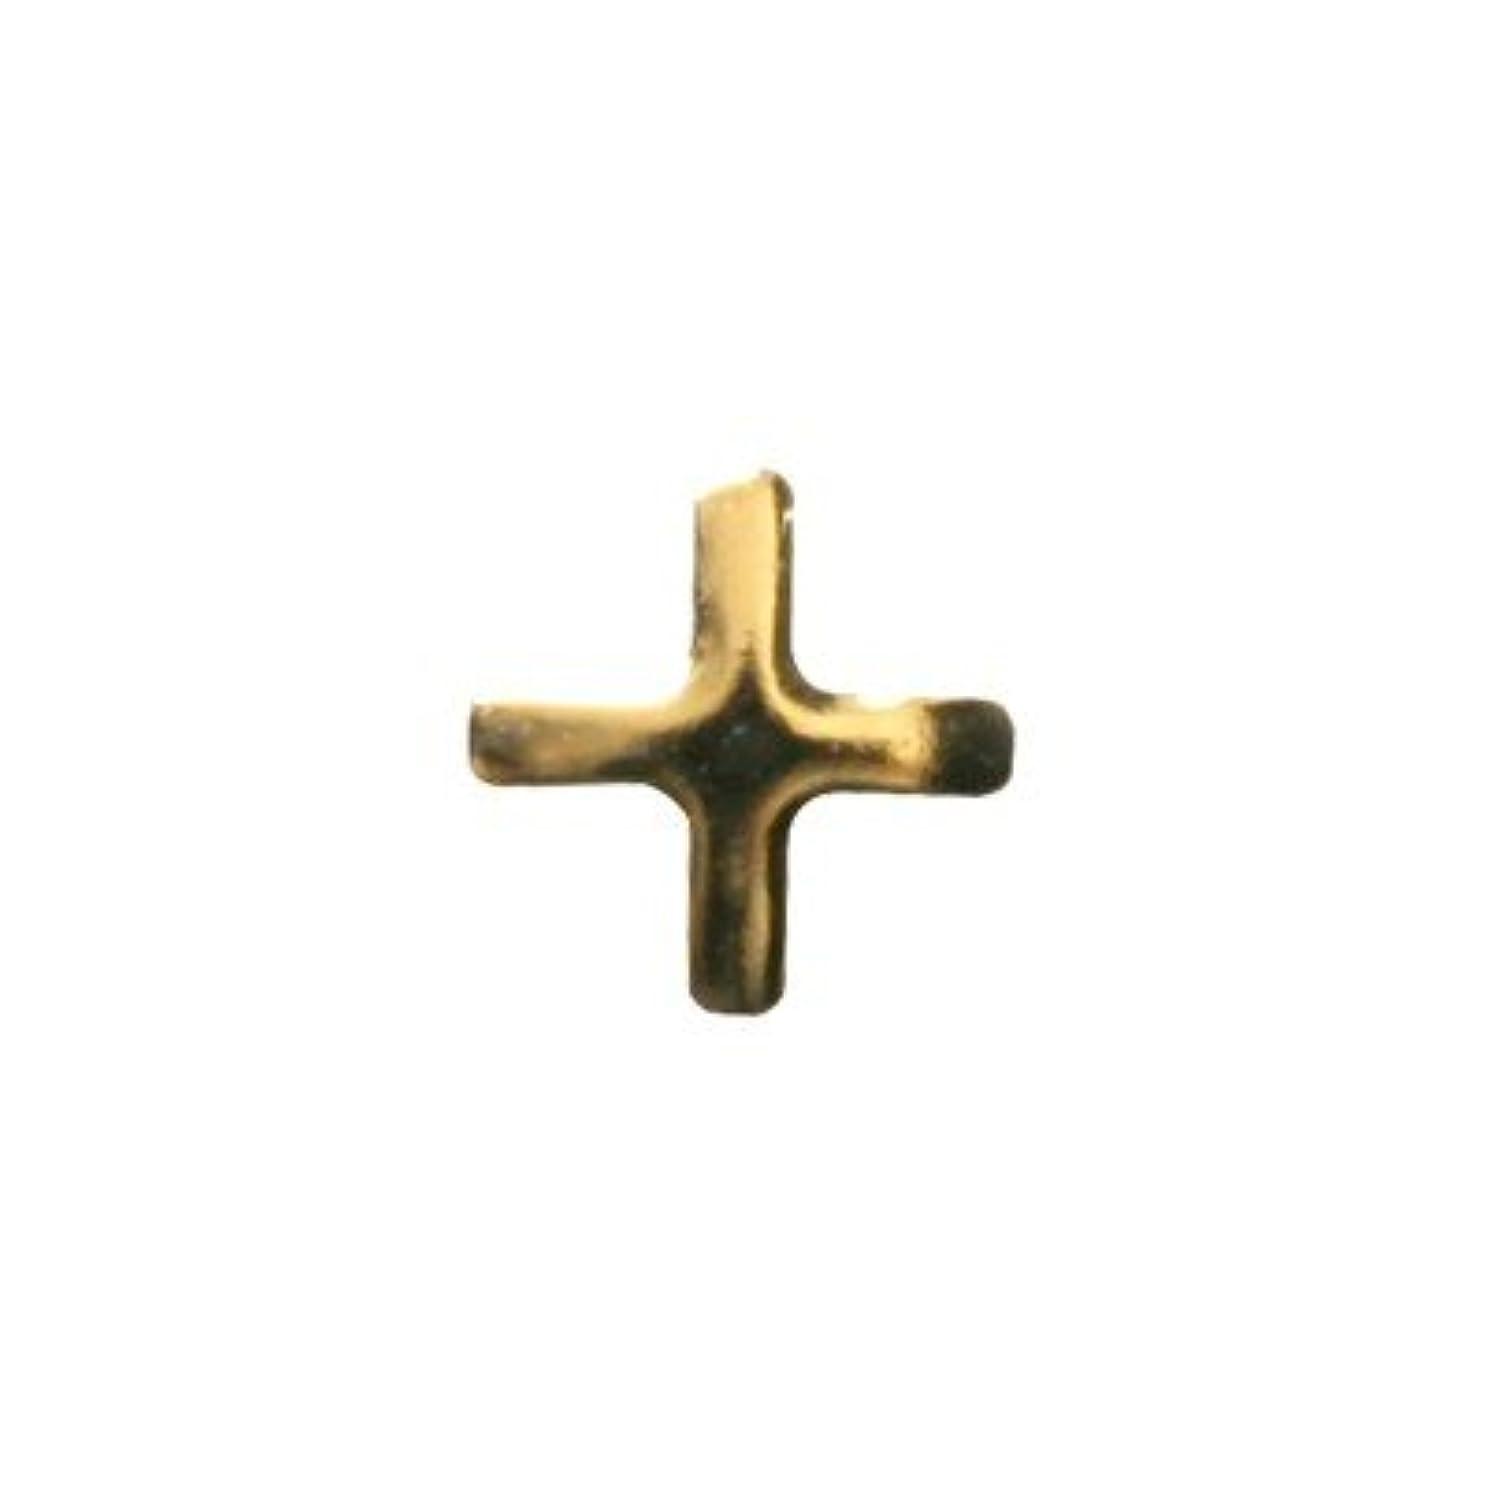 激怒アートギャラントリーピアドラ スタッズ クロスレット ハーフ 3mm 50P ゴールド